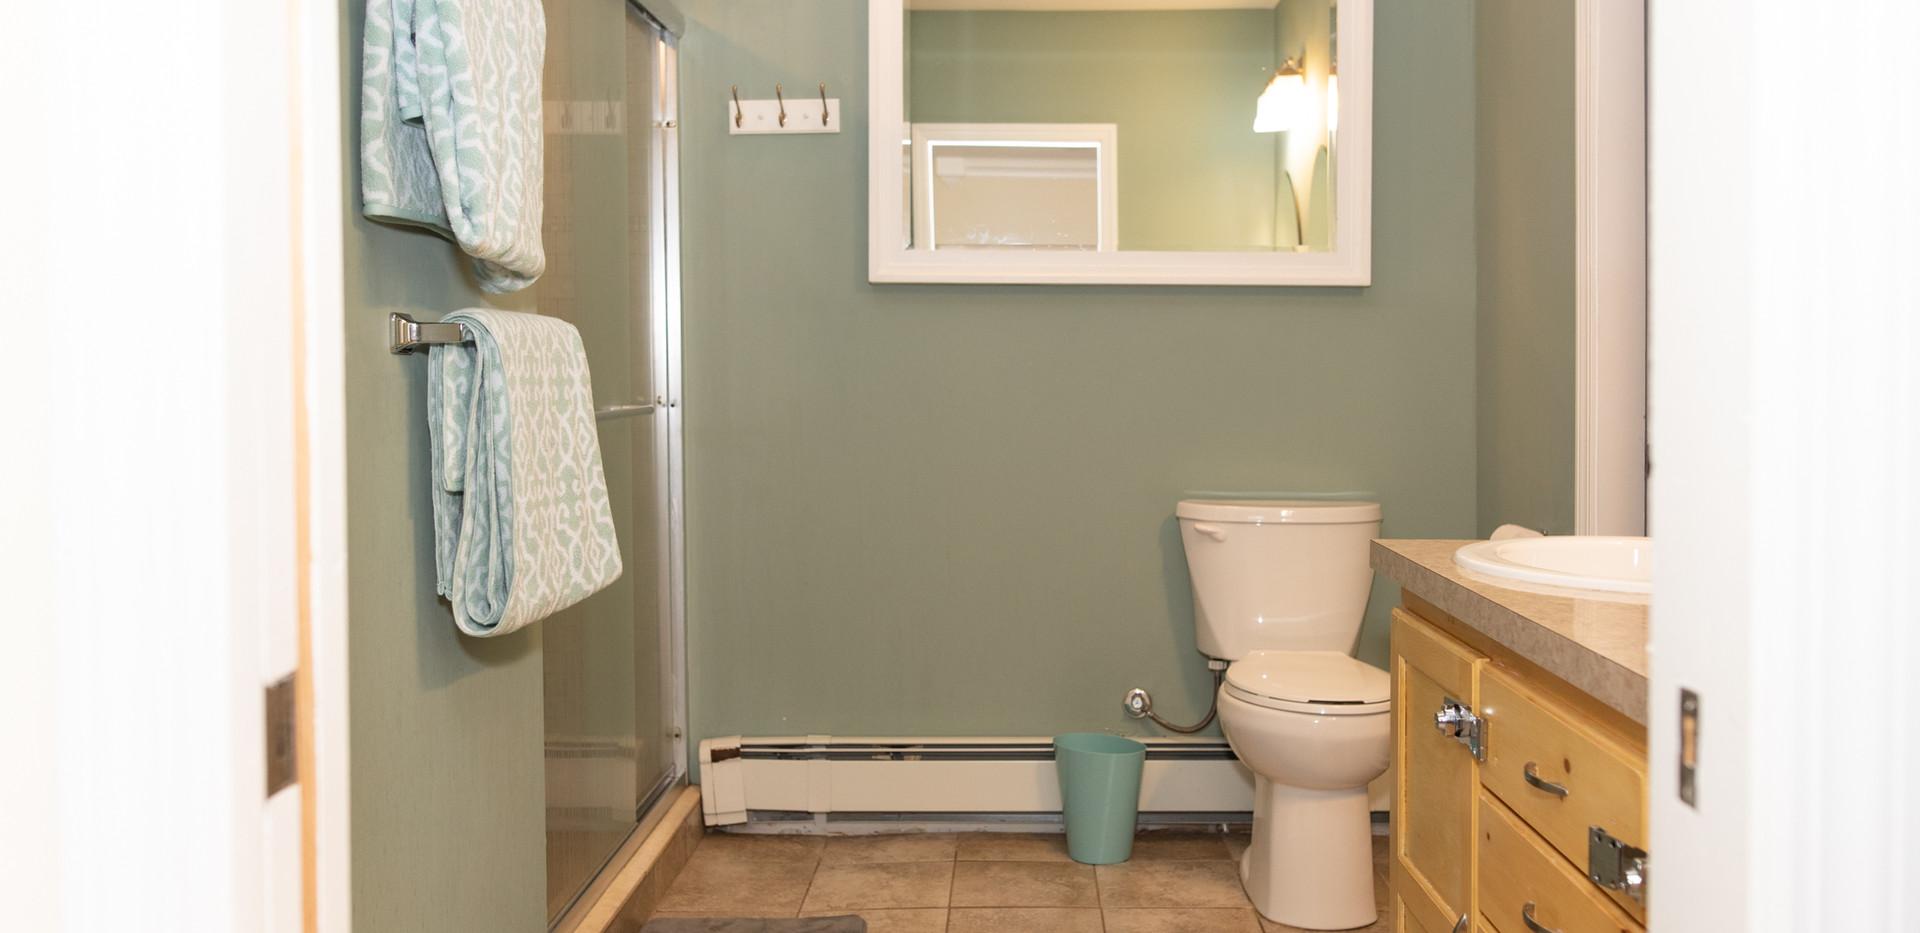 Woodbury Sober Living Bathroom